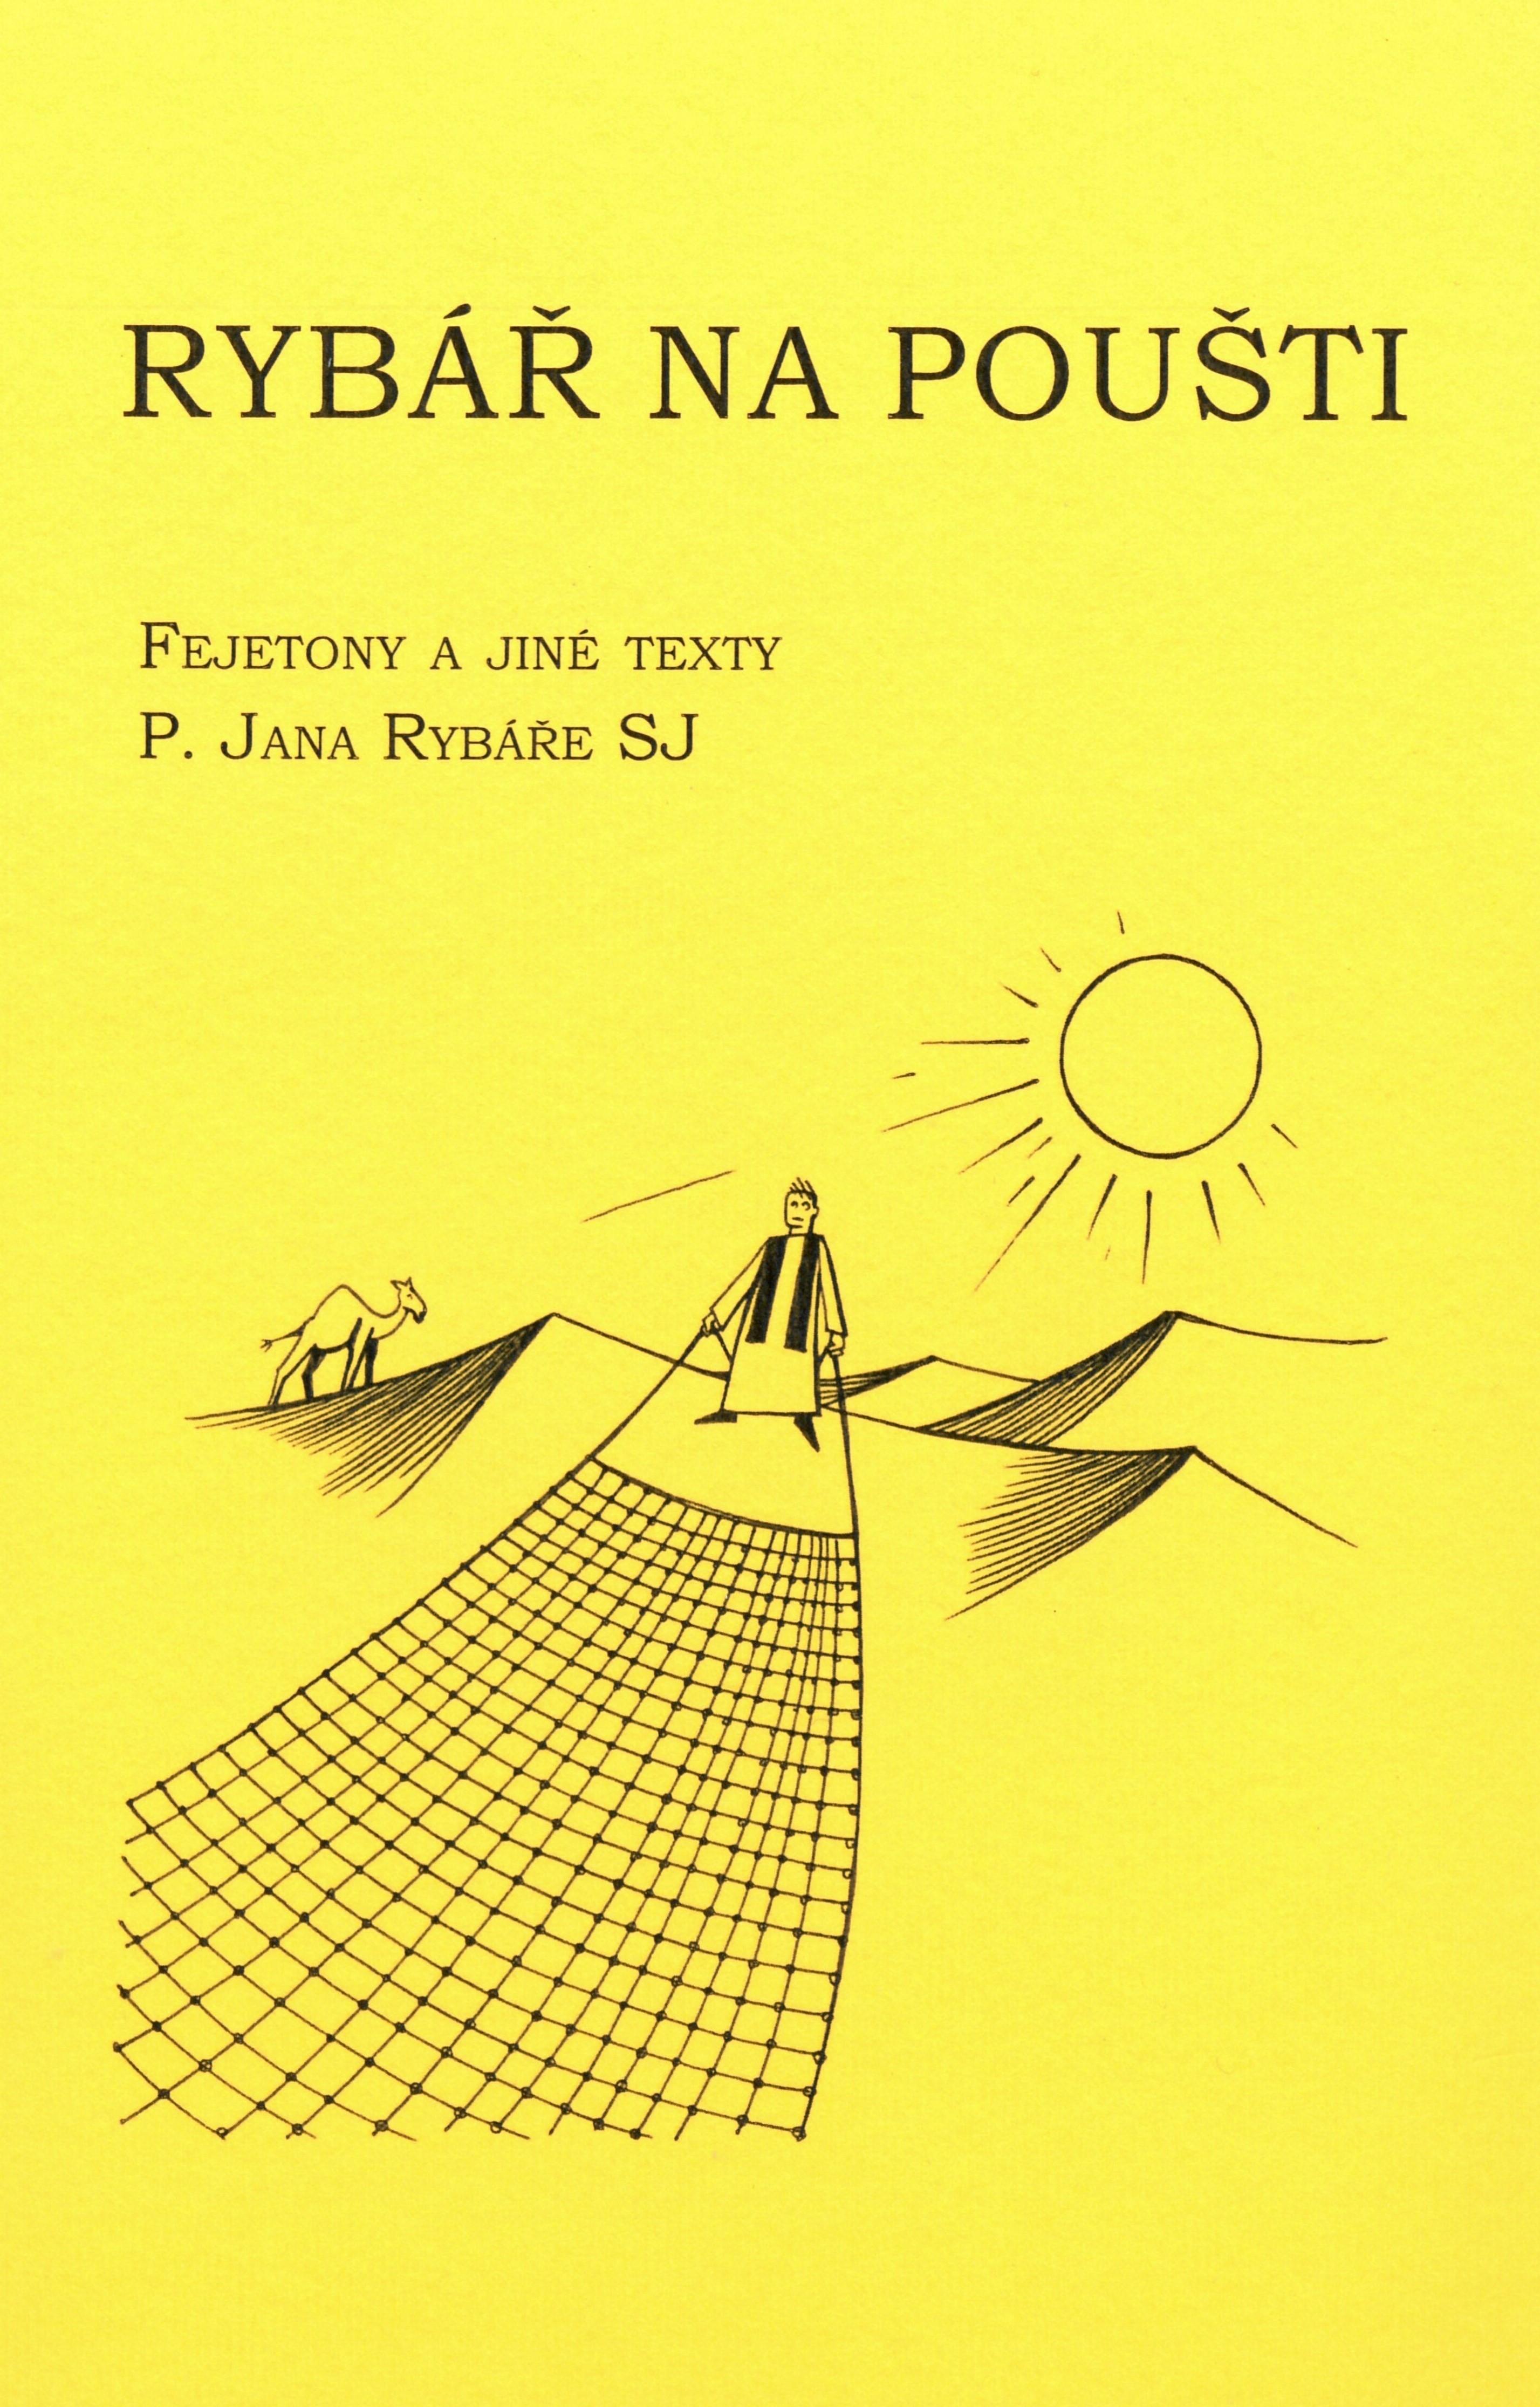 Recenze knihy Rybář na poušti